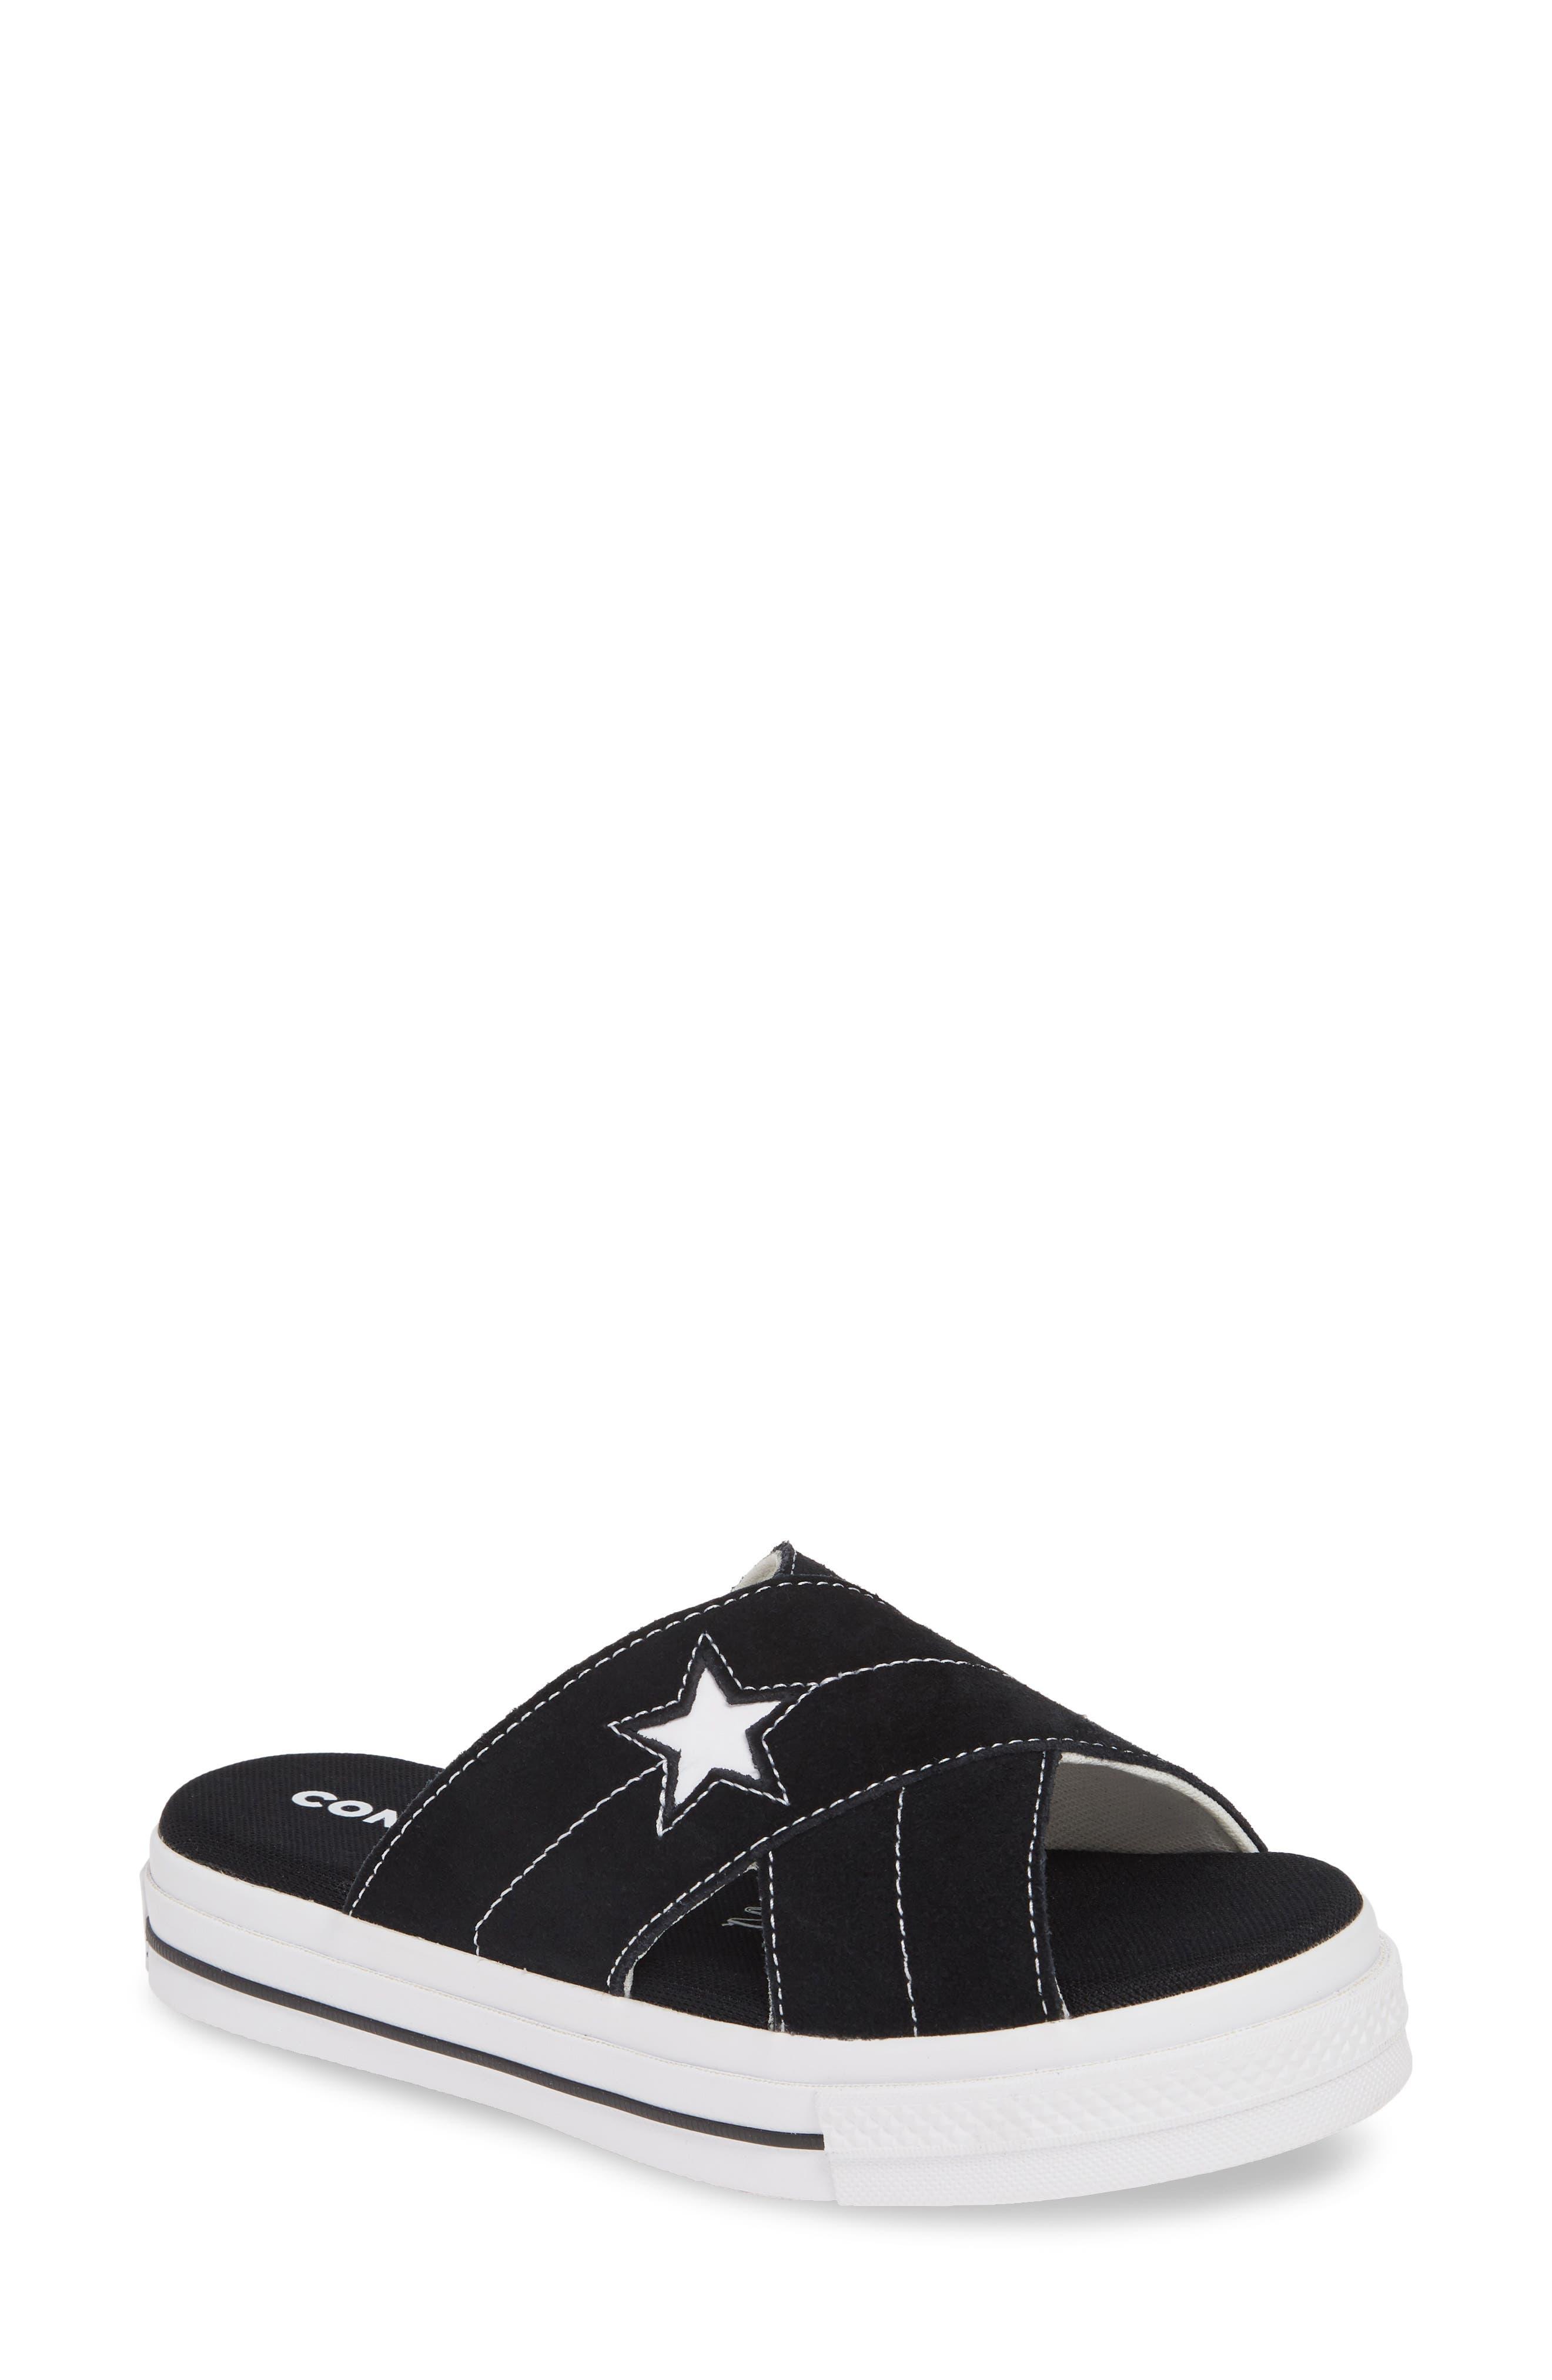 One Star Platform Slide Sandal, Main, color, BLACK/ EGRET/ WHITE